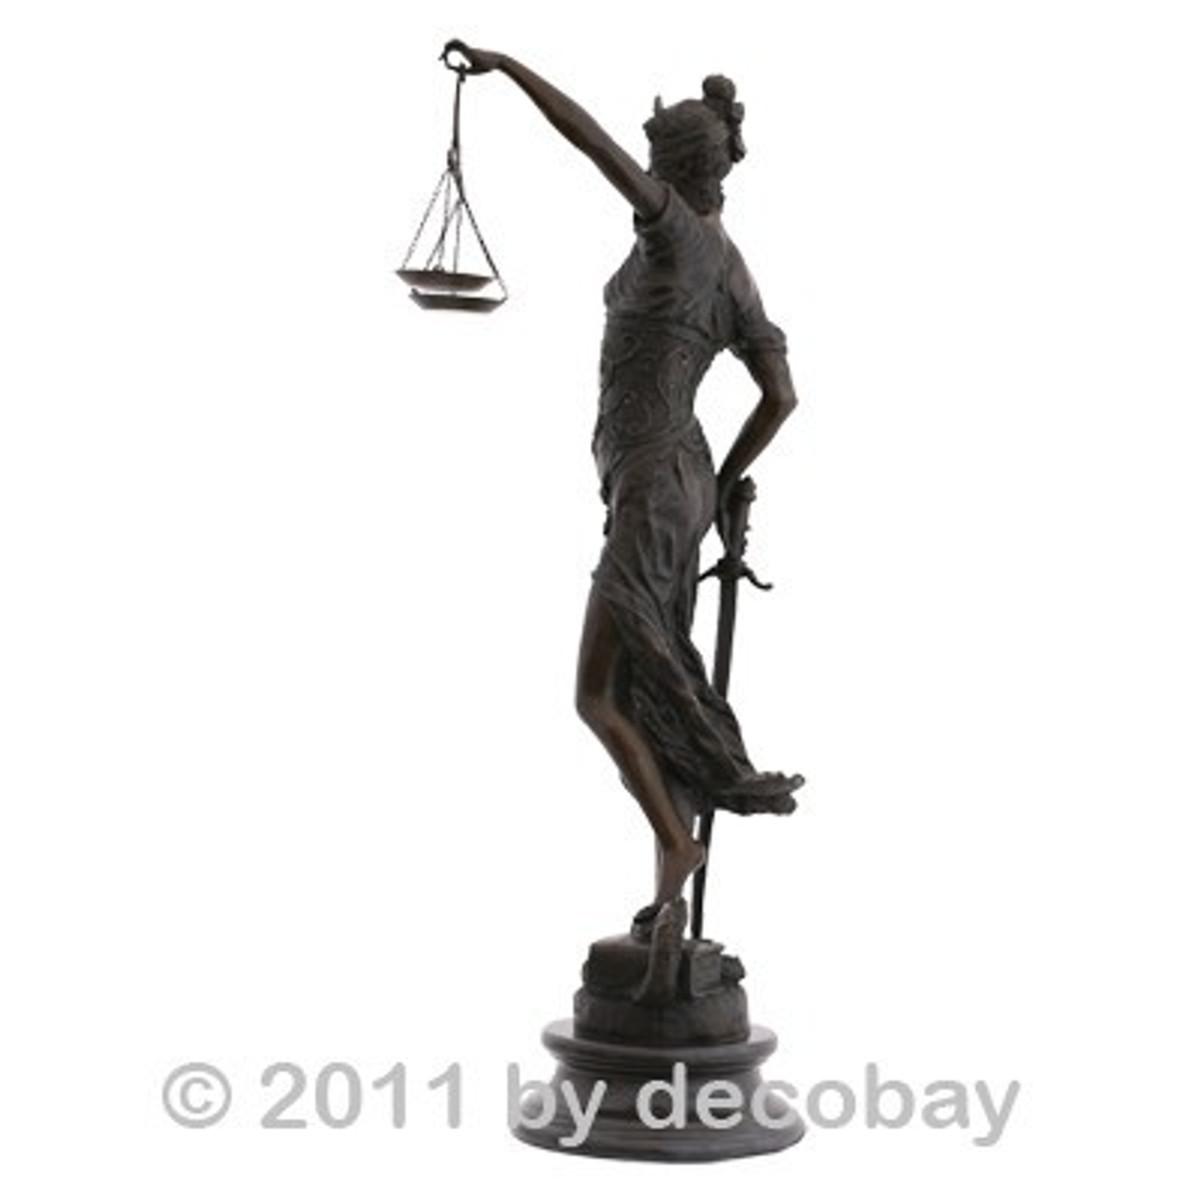 Bronze Statue Dekoration Gerechtigkeit Justitia Kanzlei Bronzefigur großformatig. Monumentale Bronzestatue für Anwaltskanzlei und Gerichtsgebäude